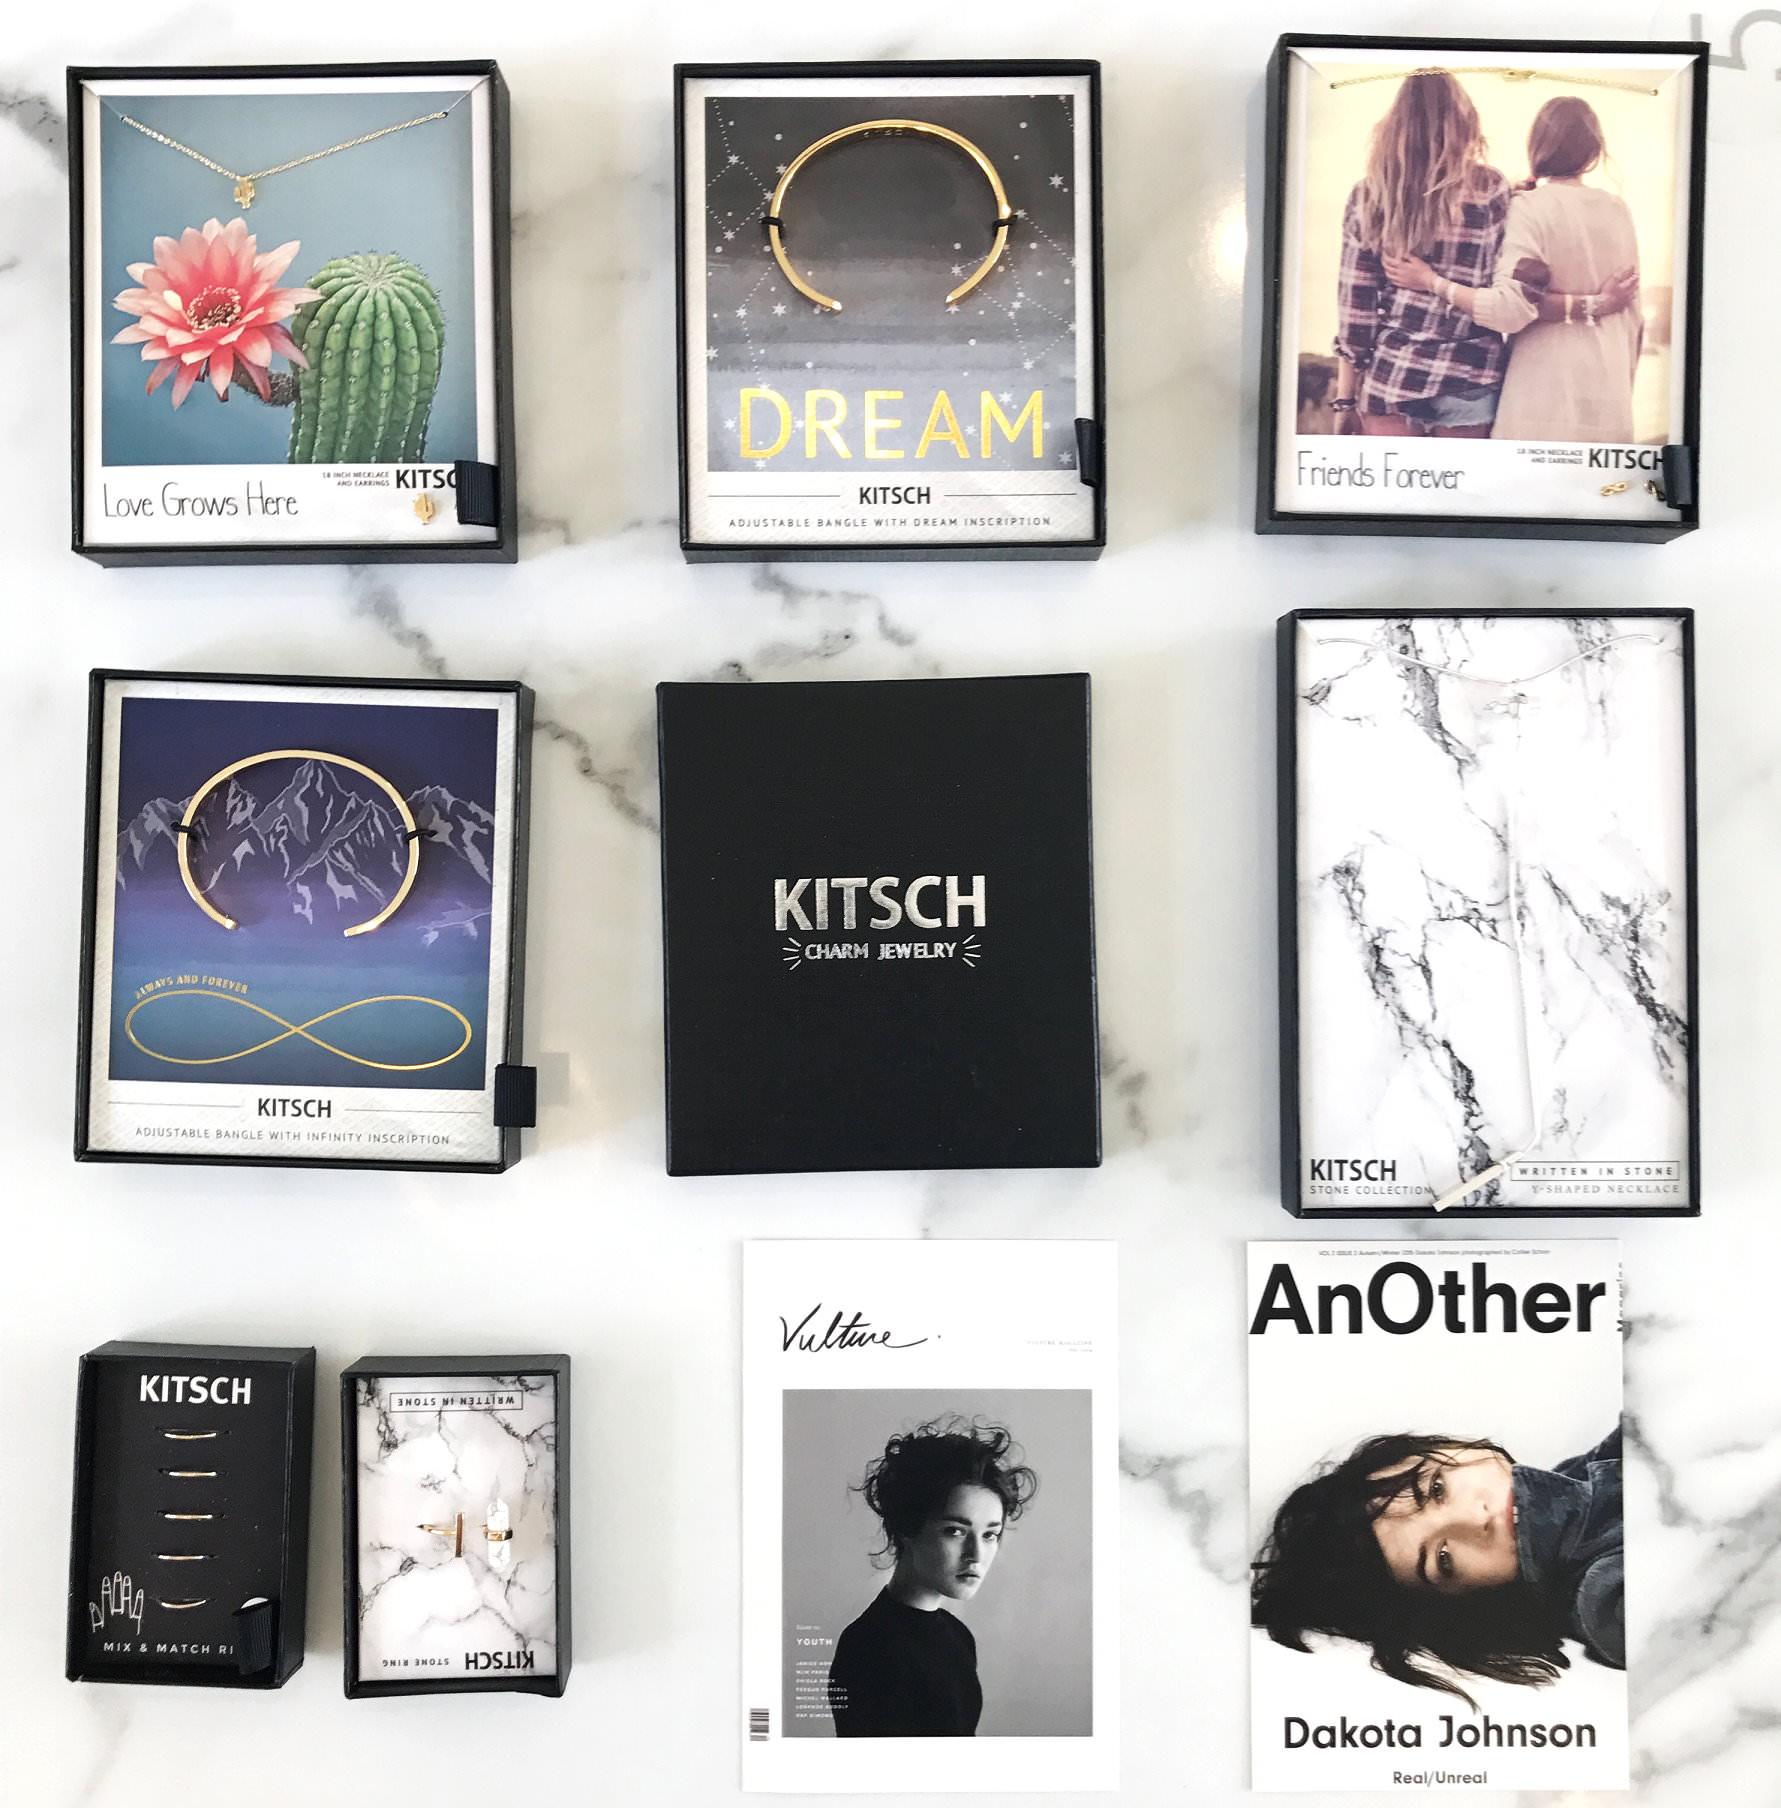 [ACC] 屬於你跟我的專屬悄悄話♥美國時尚飾品品牌KITSCH